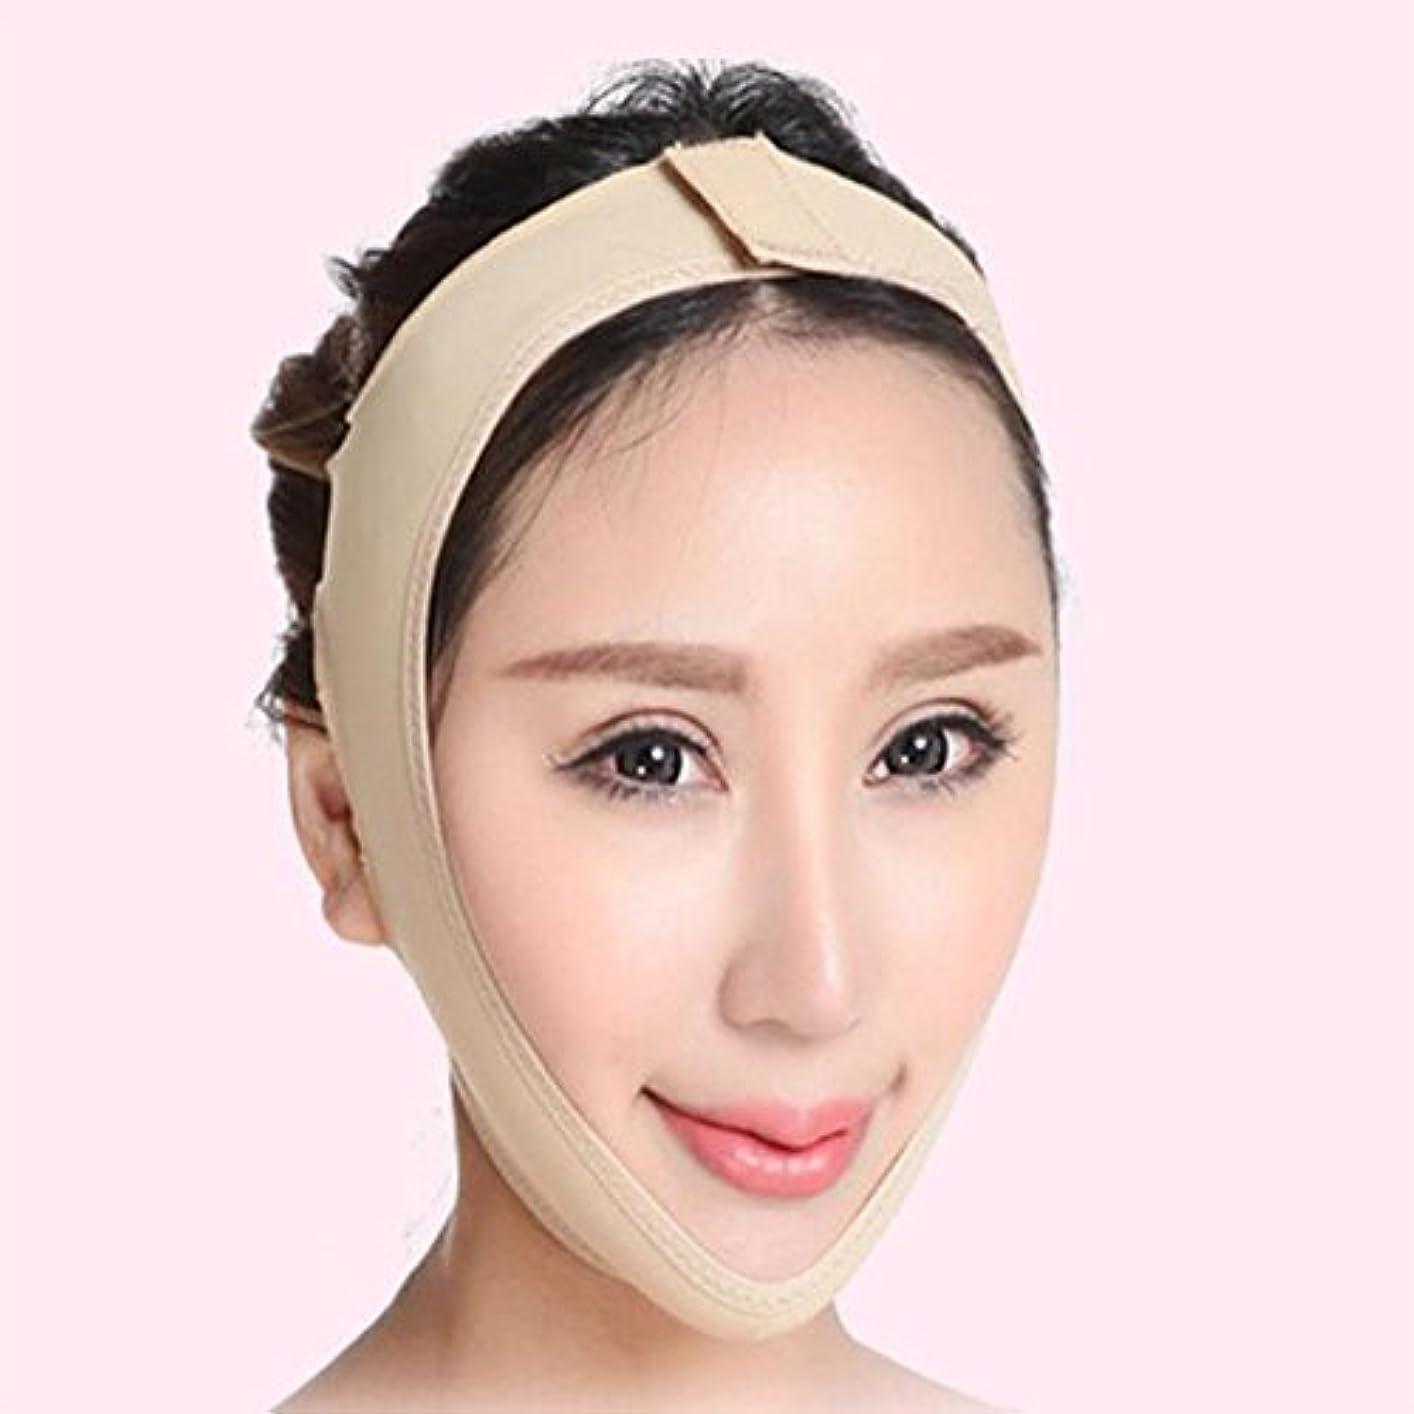 誠意かんがい冷蔵庫SD 小顔 小顔マスク リフトアップ マスク フェイスライン 矯正 あご シャープ メンズ レディース XLサイズ AZD15003-XL